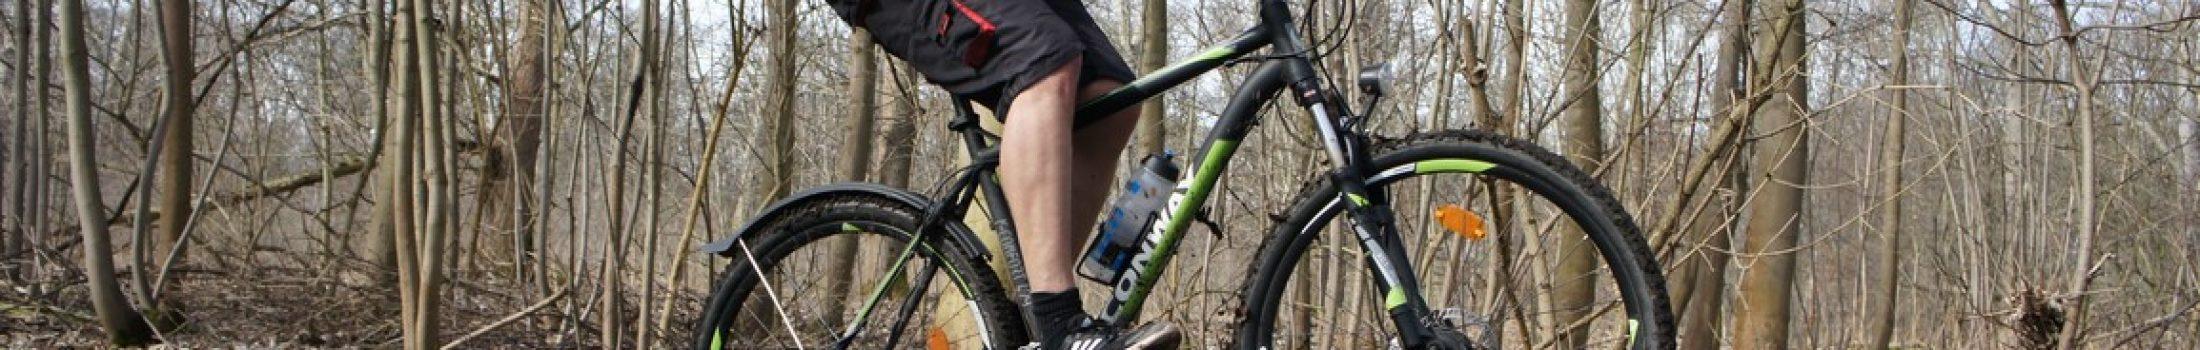 Sparkassen-Bike&Run-Zeitmessung